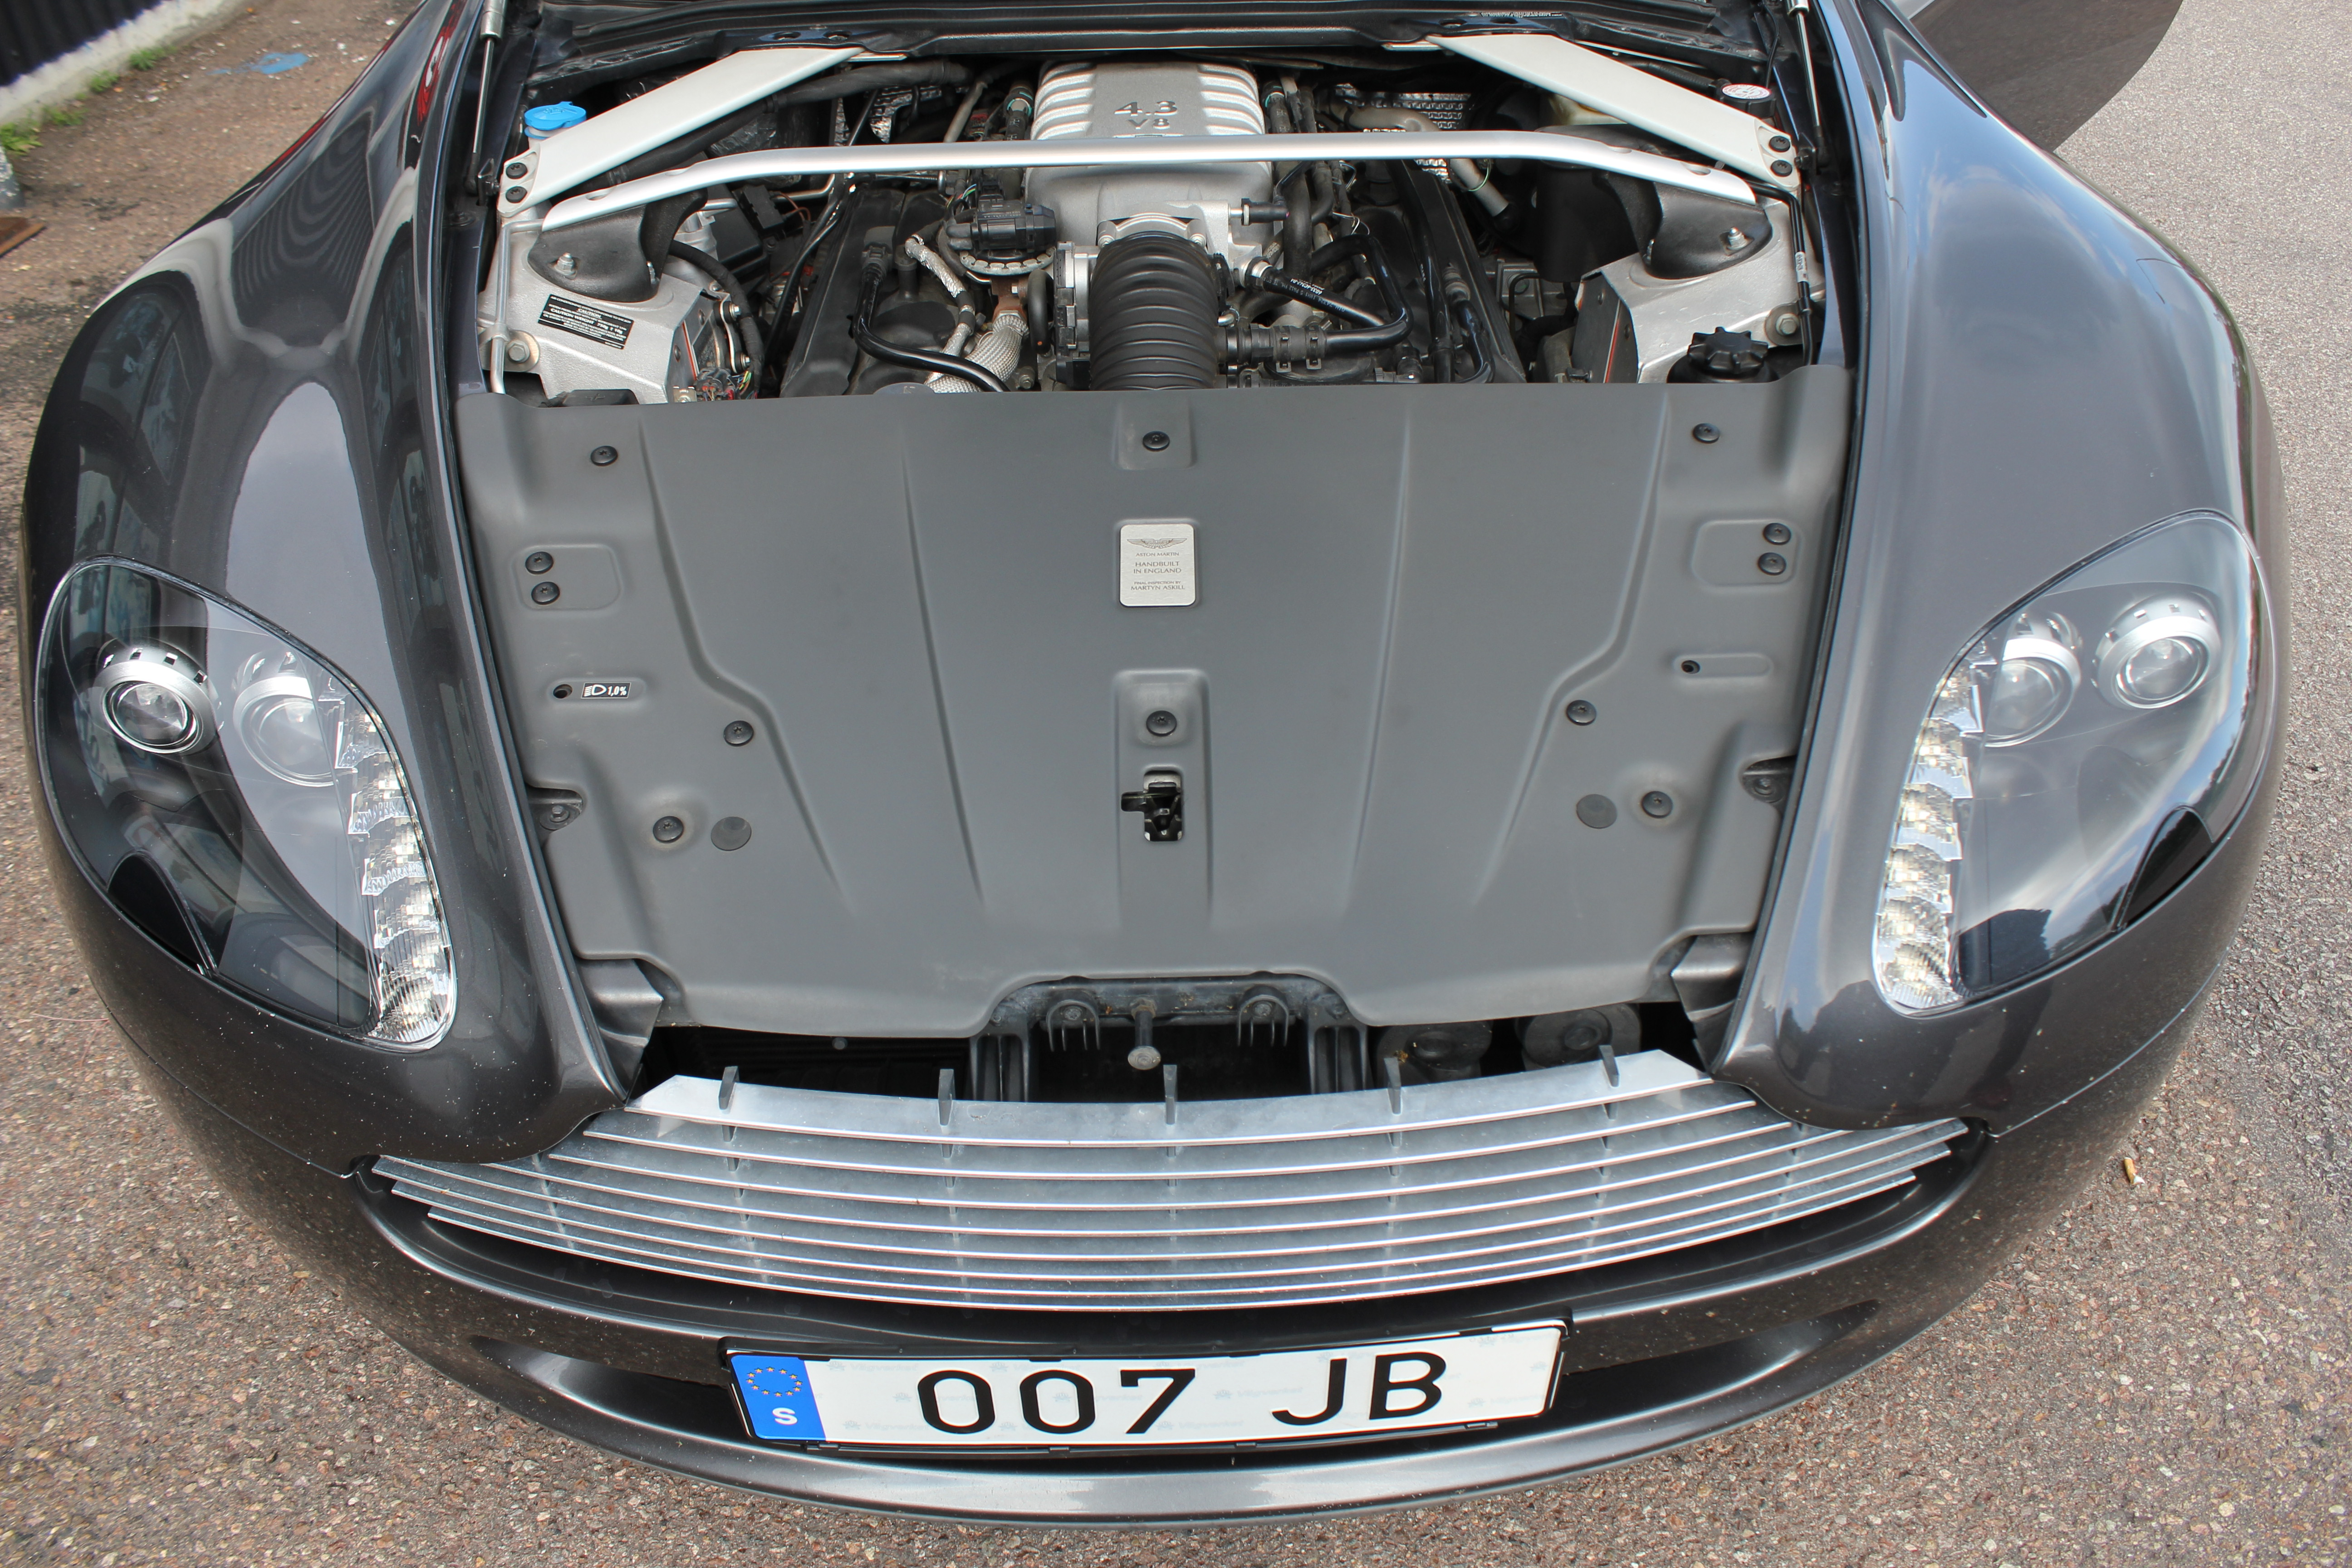 Vantage Headlight Beam Adjustment Page Aston Martin PistonHeads - Aston martin headlights